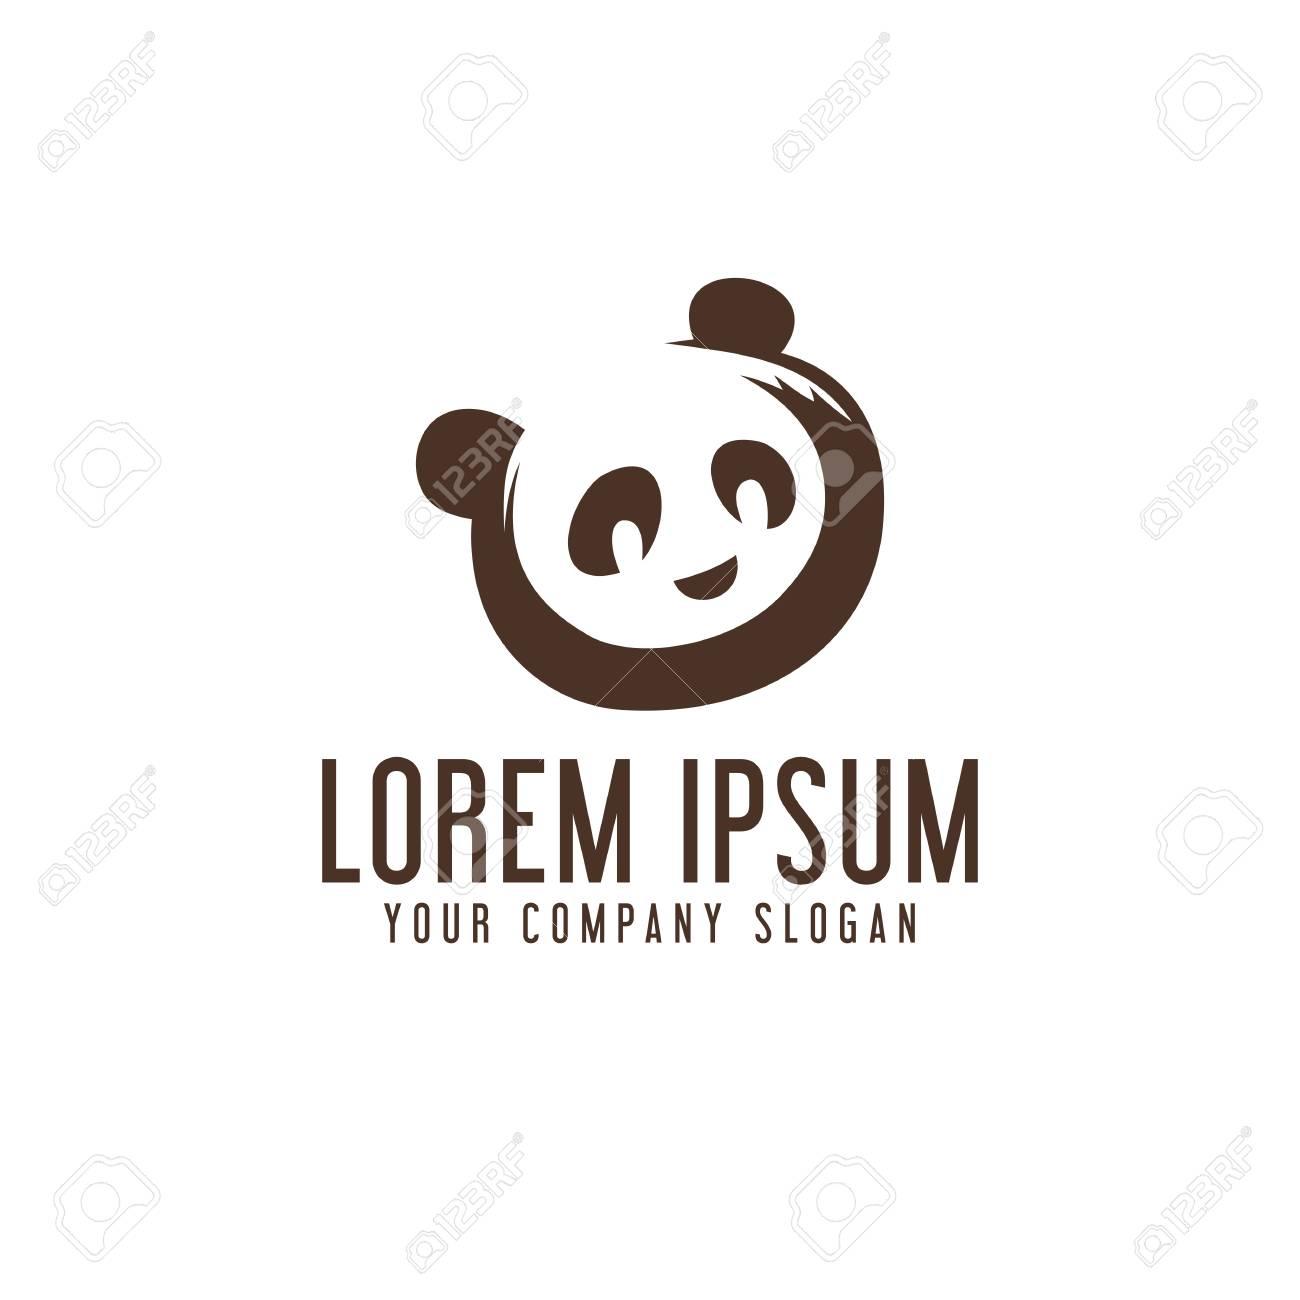 panda logo design concept template - 82888380